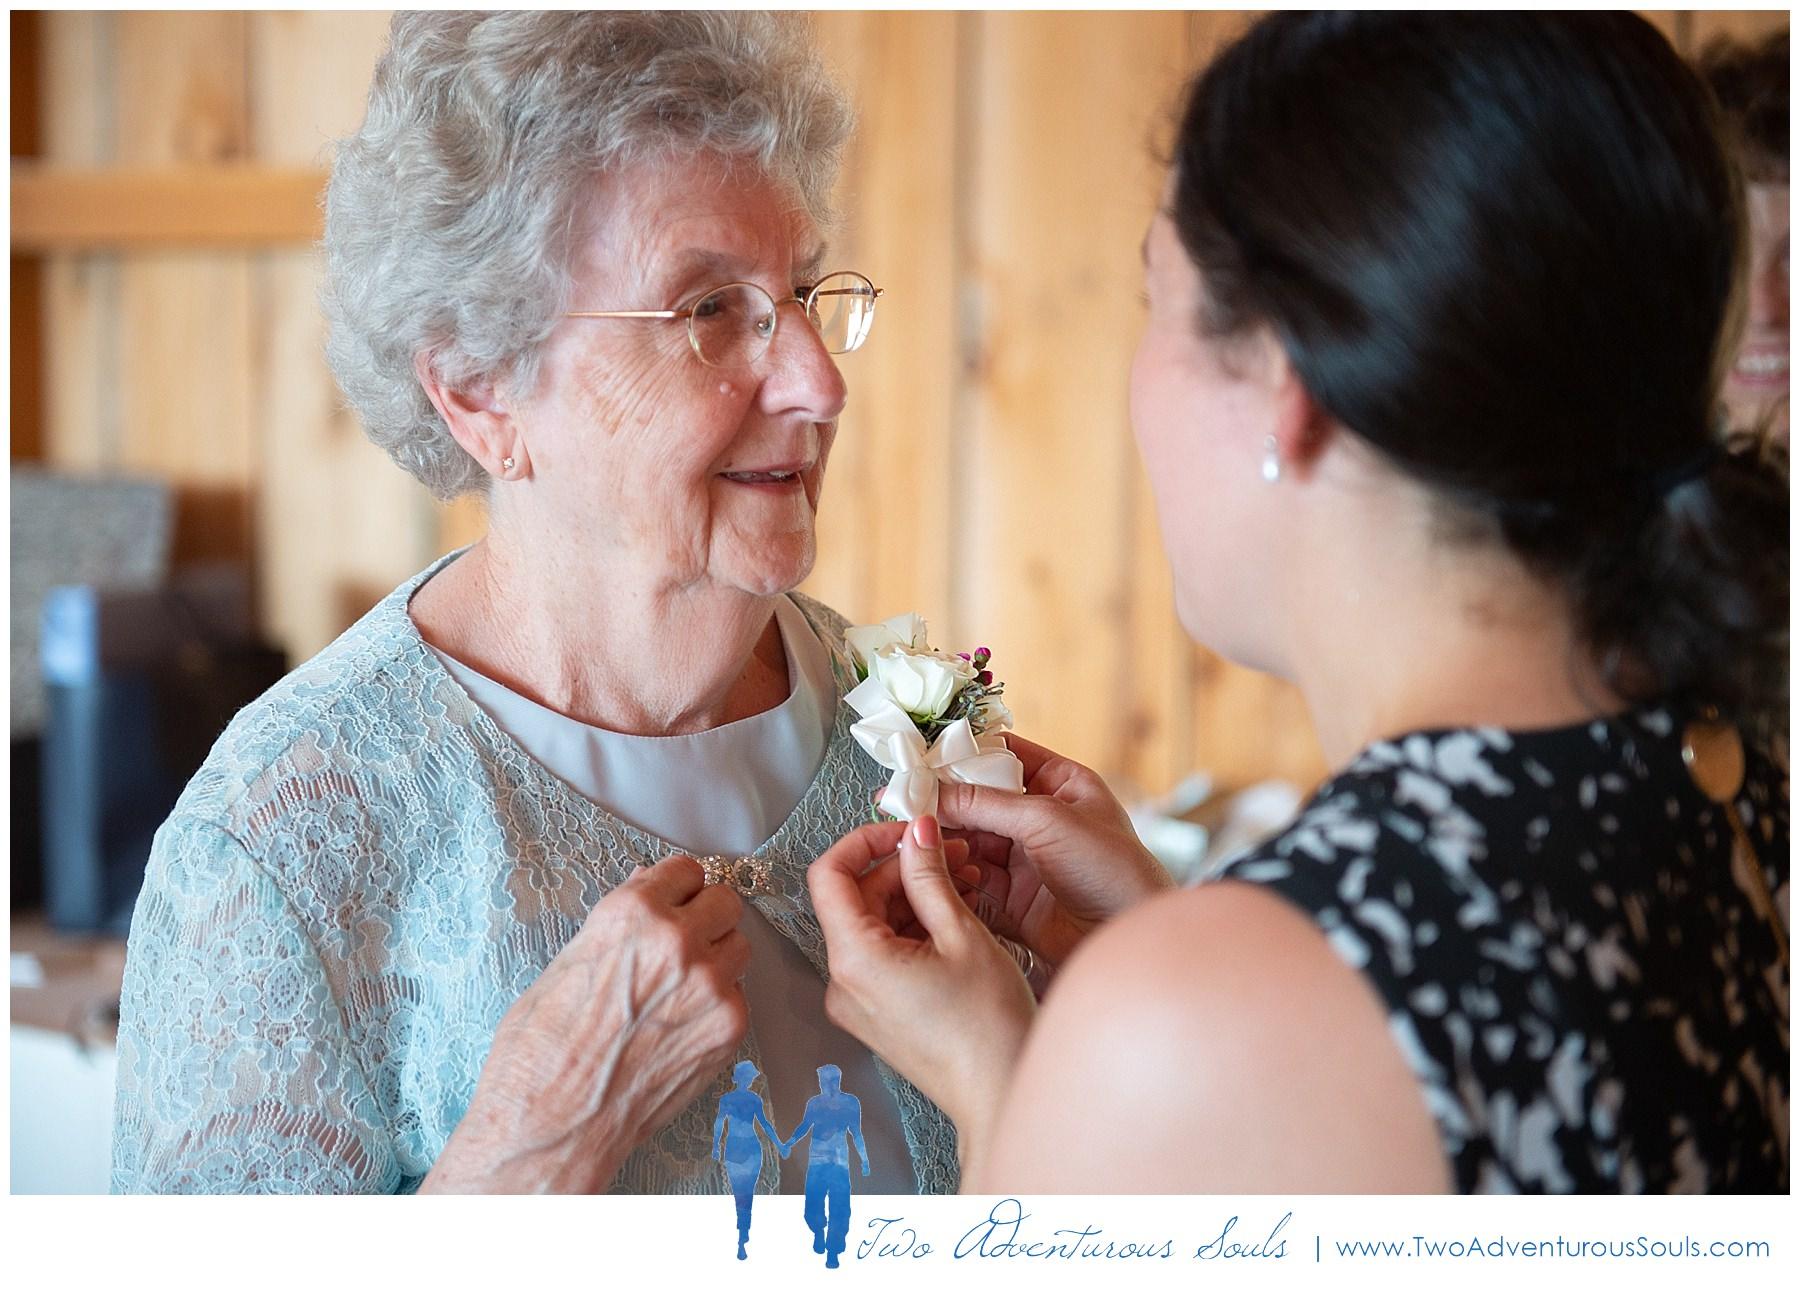 Maine Wedding Photographers, Granite Ridge Estate Wedding Photographers, Two Adventurous Souls - 080319_0025.jpg